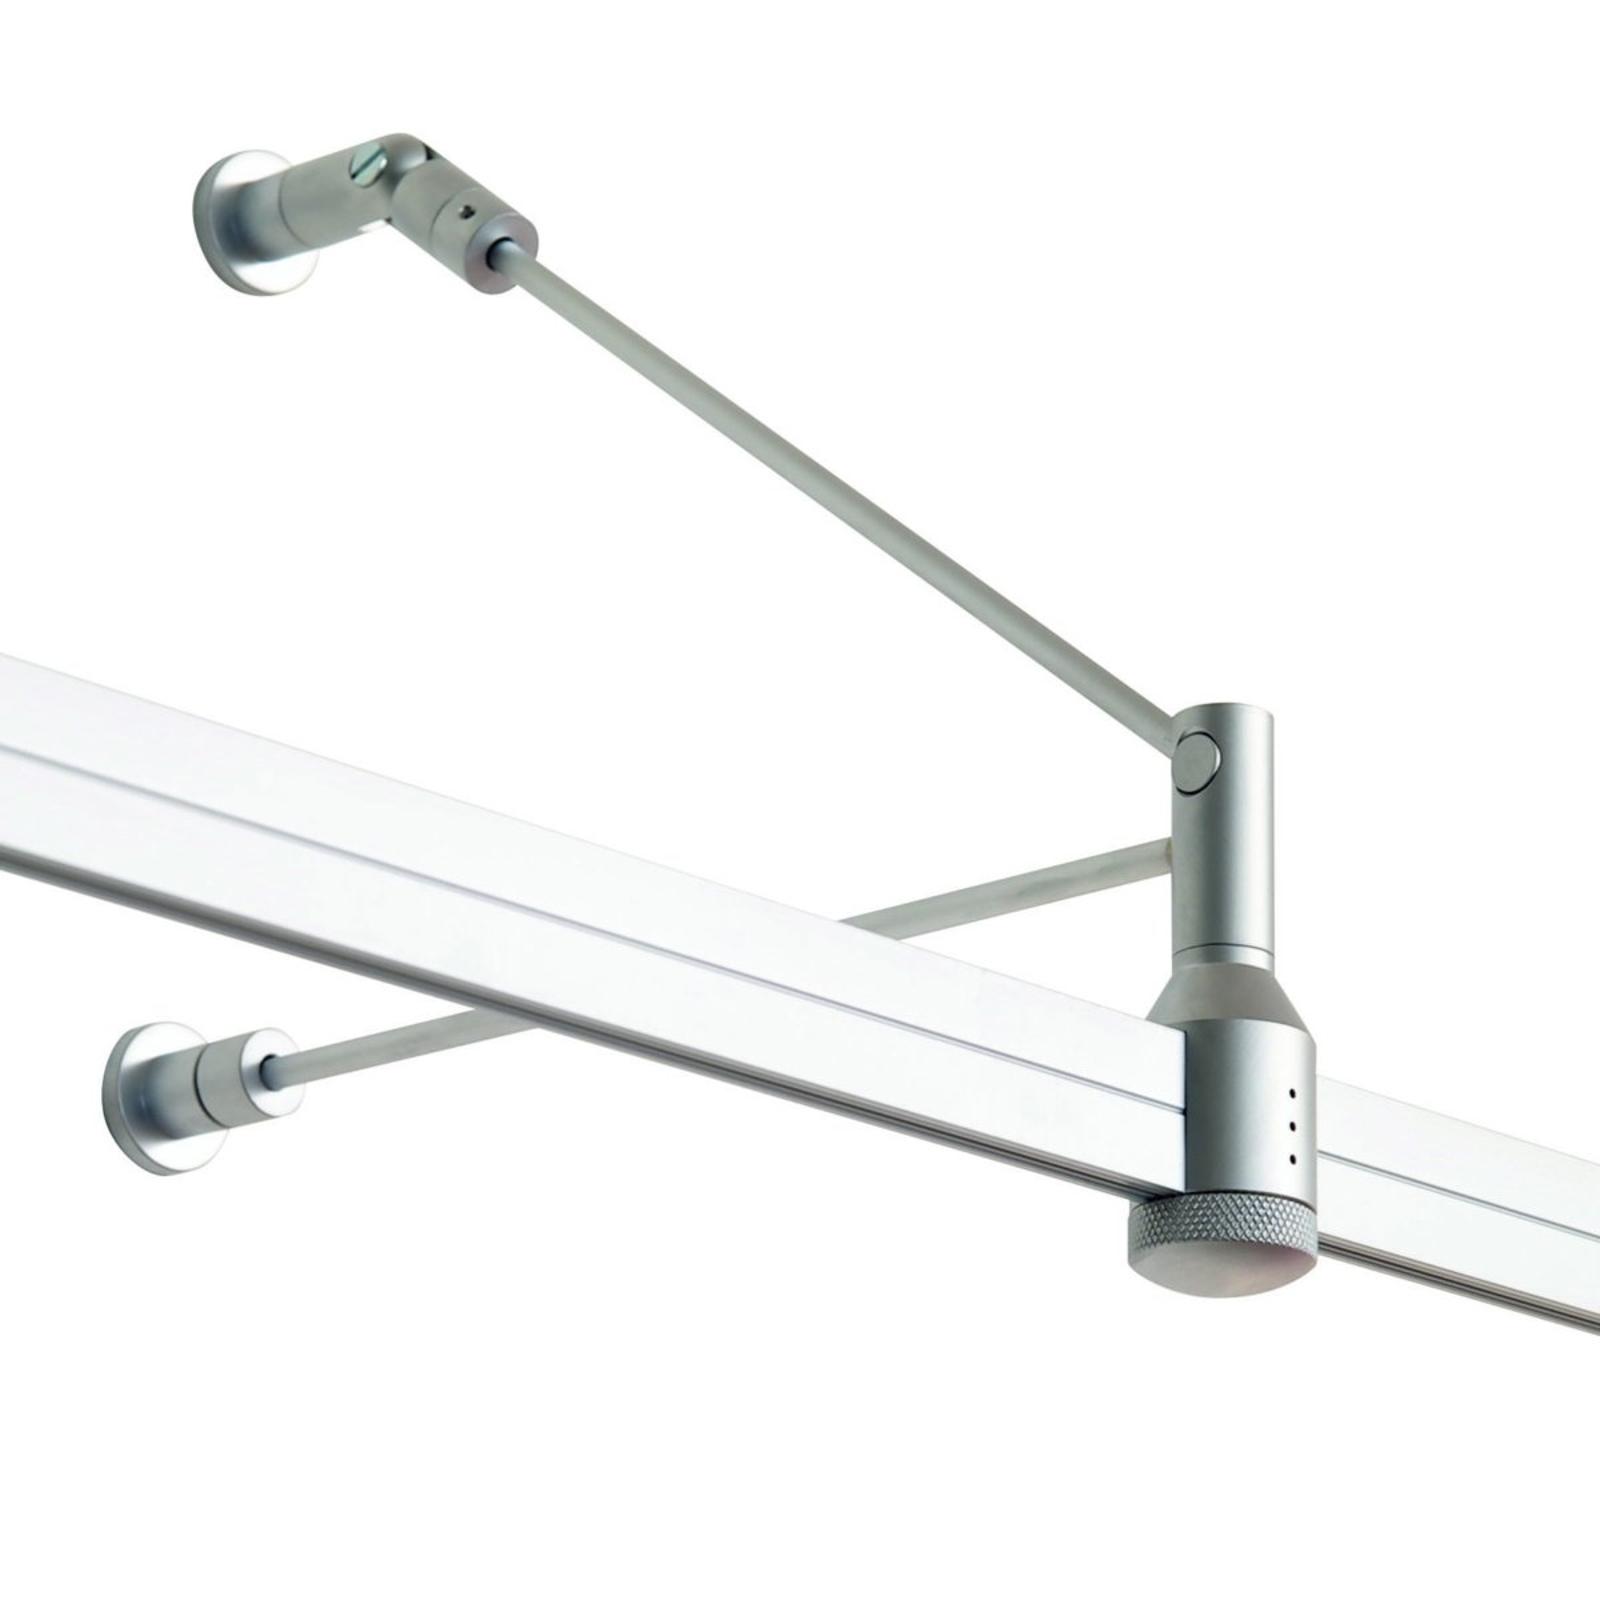 Bras pour lampes sur rail Check In